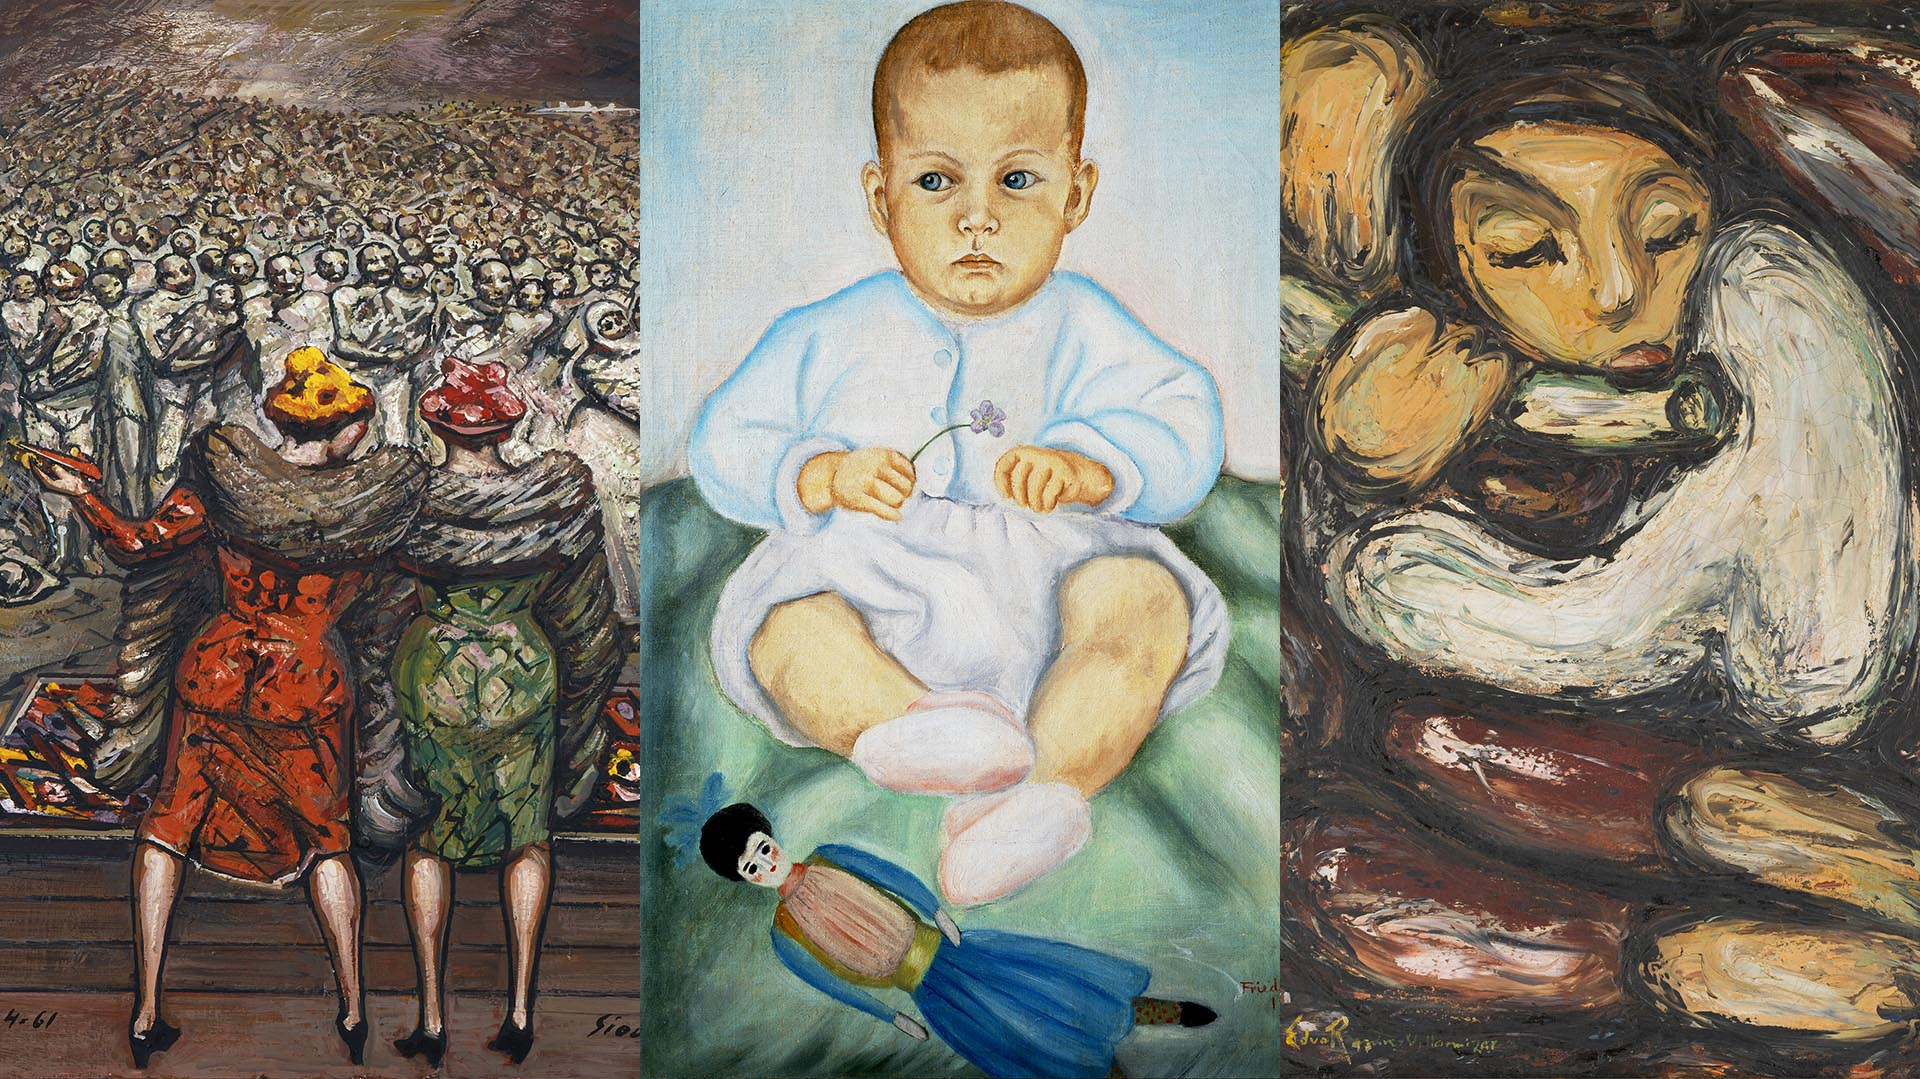 La exposición muestra grandes obras de maestros de distintas épocas, desde el norte de América, México, transitando por Colombia y llegando al sur, a la Argentina